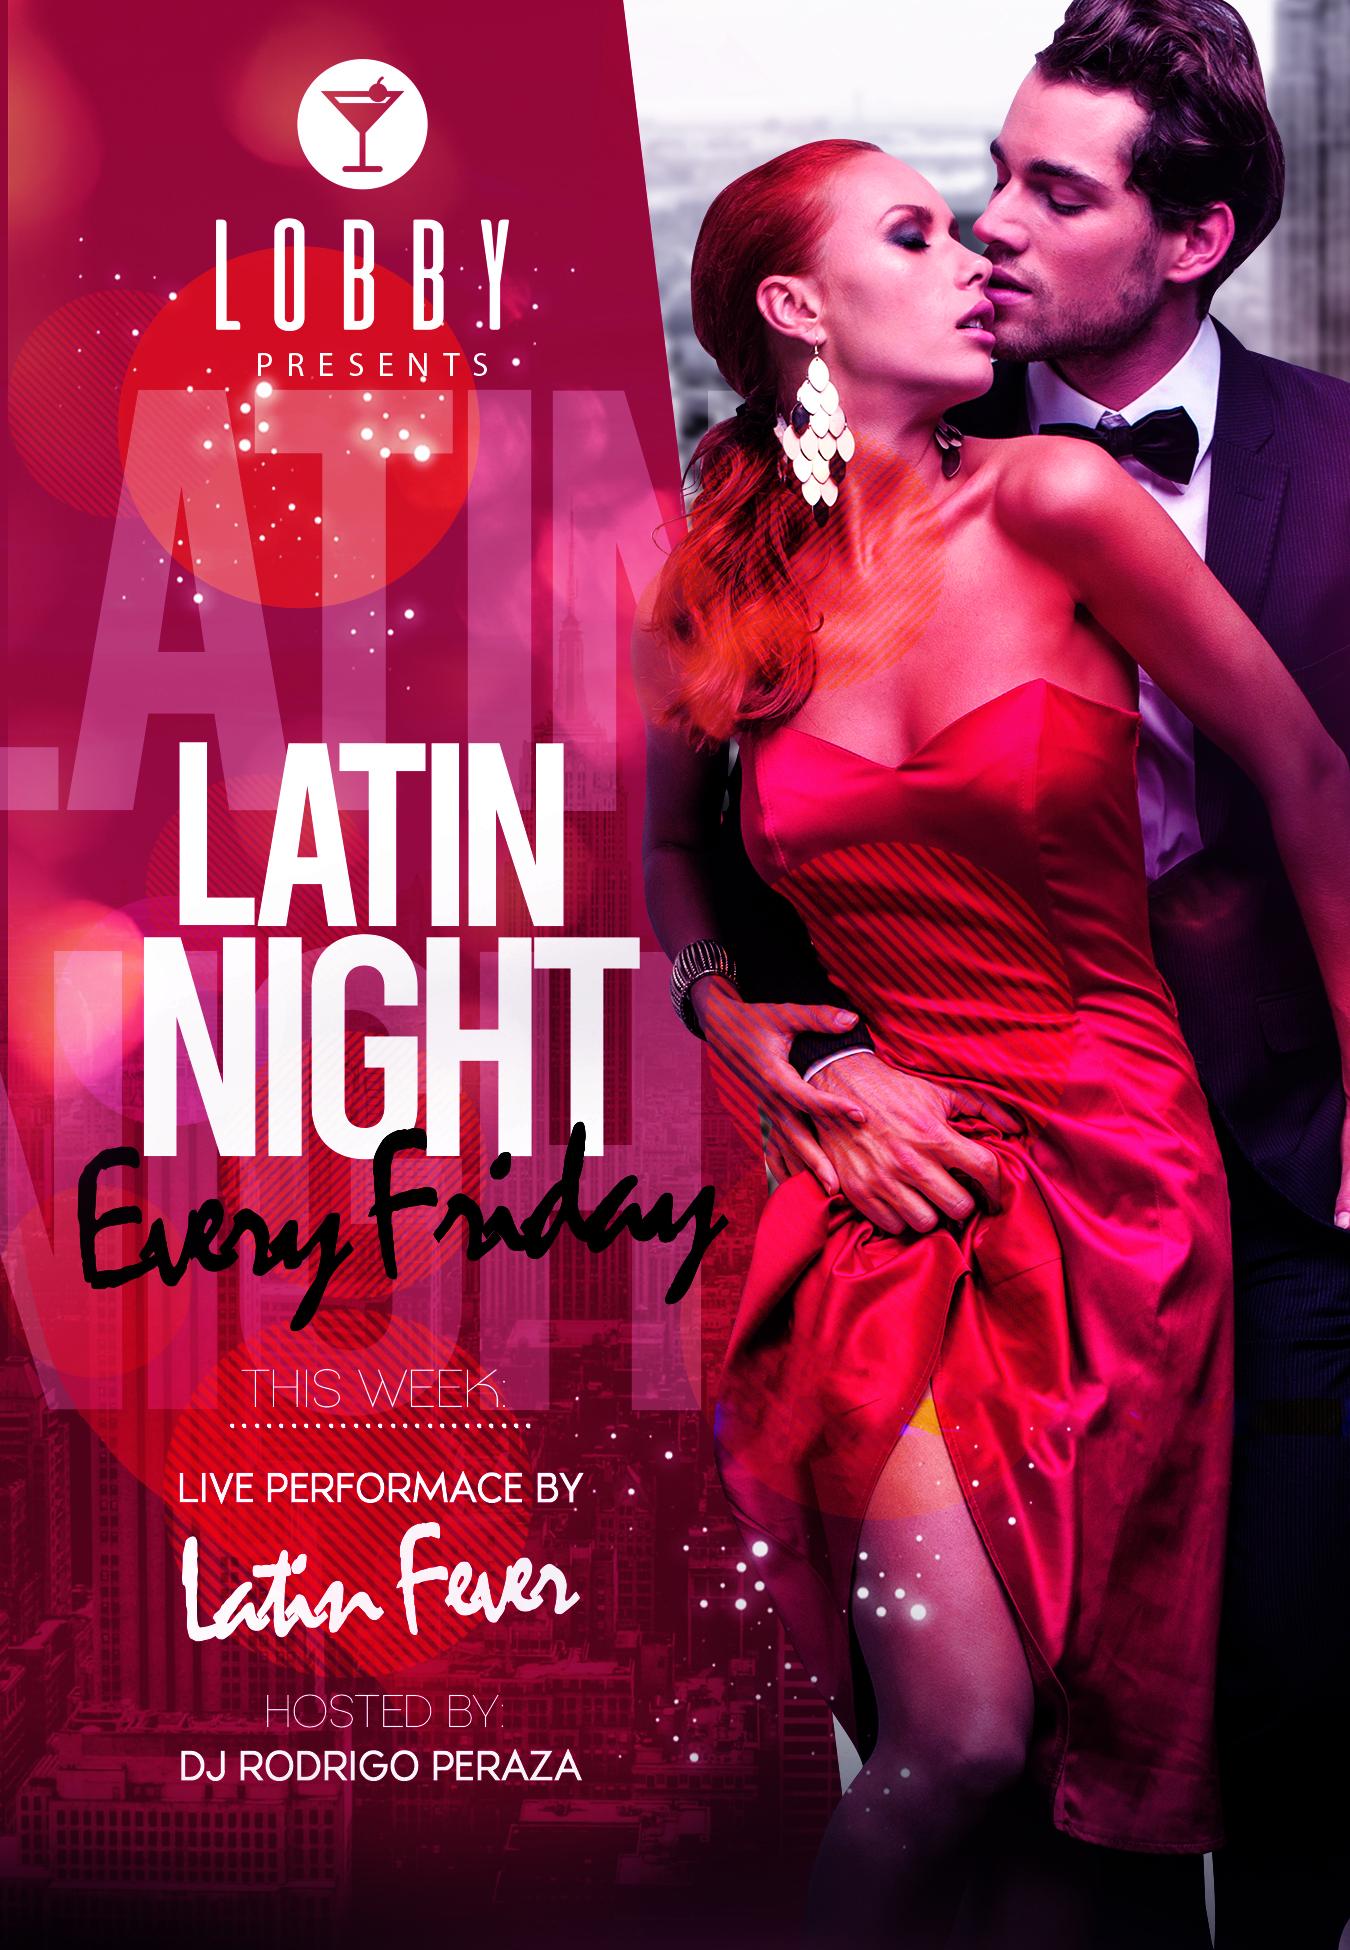 Latin Night at Lobby